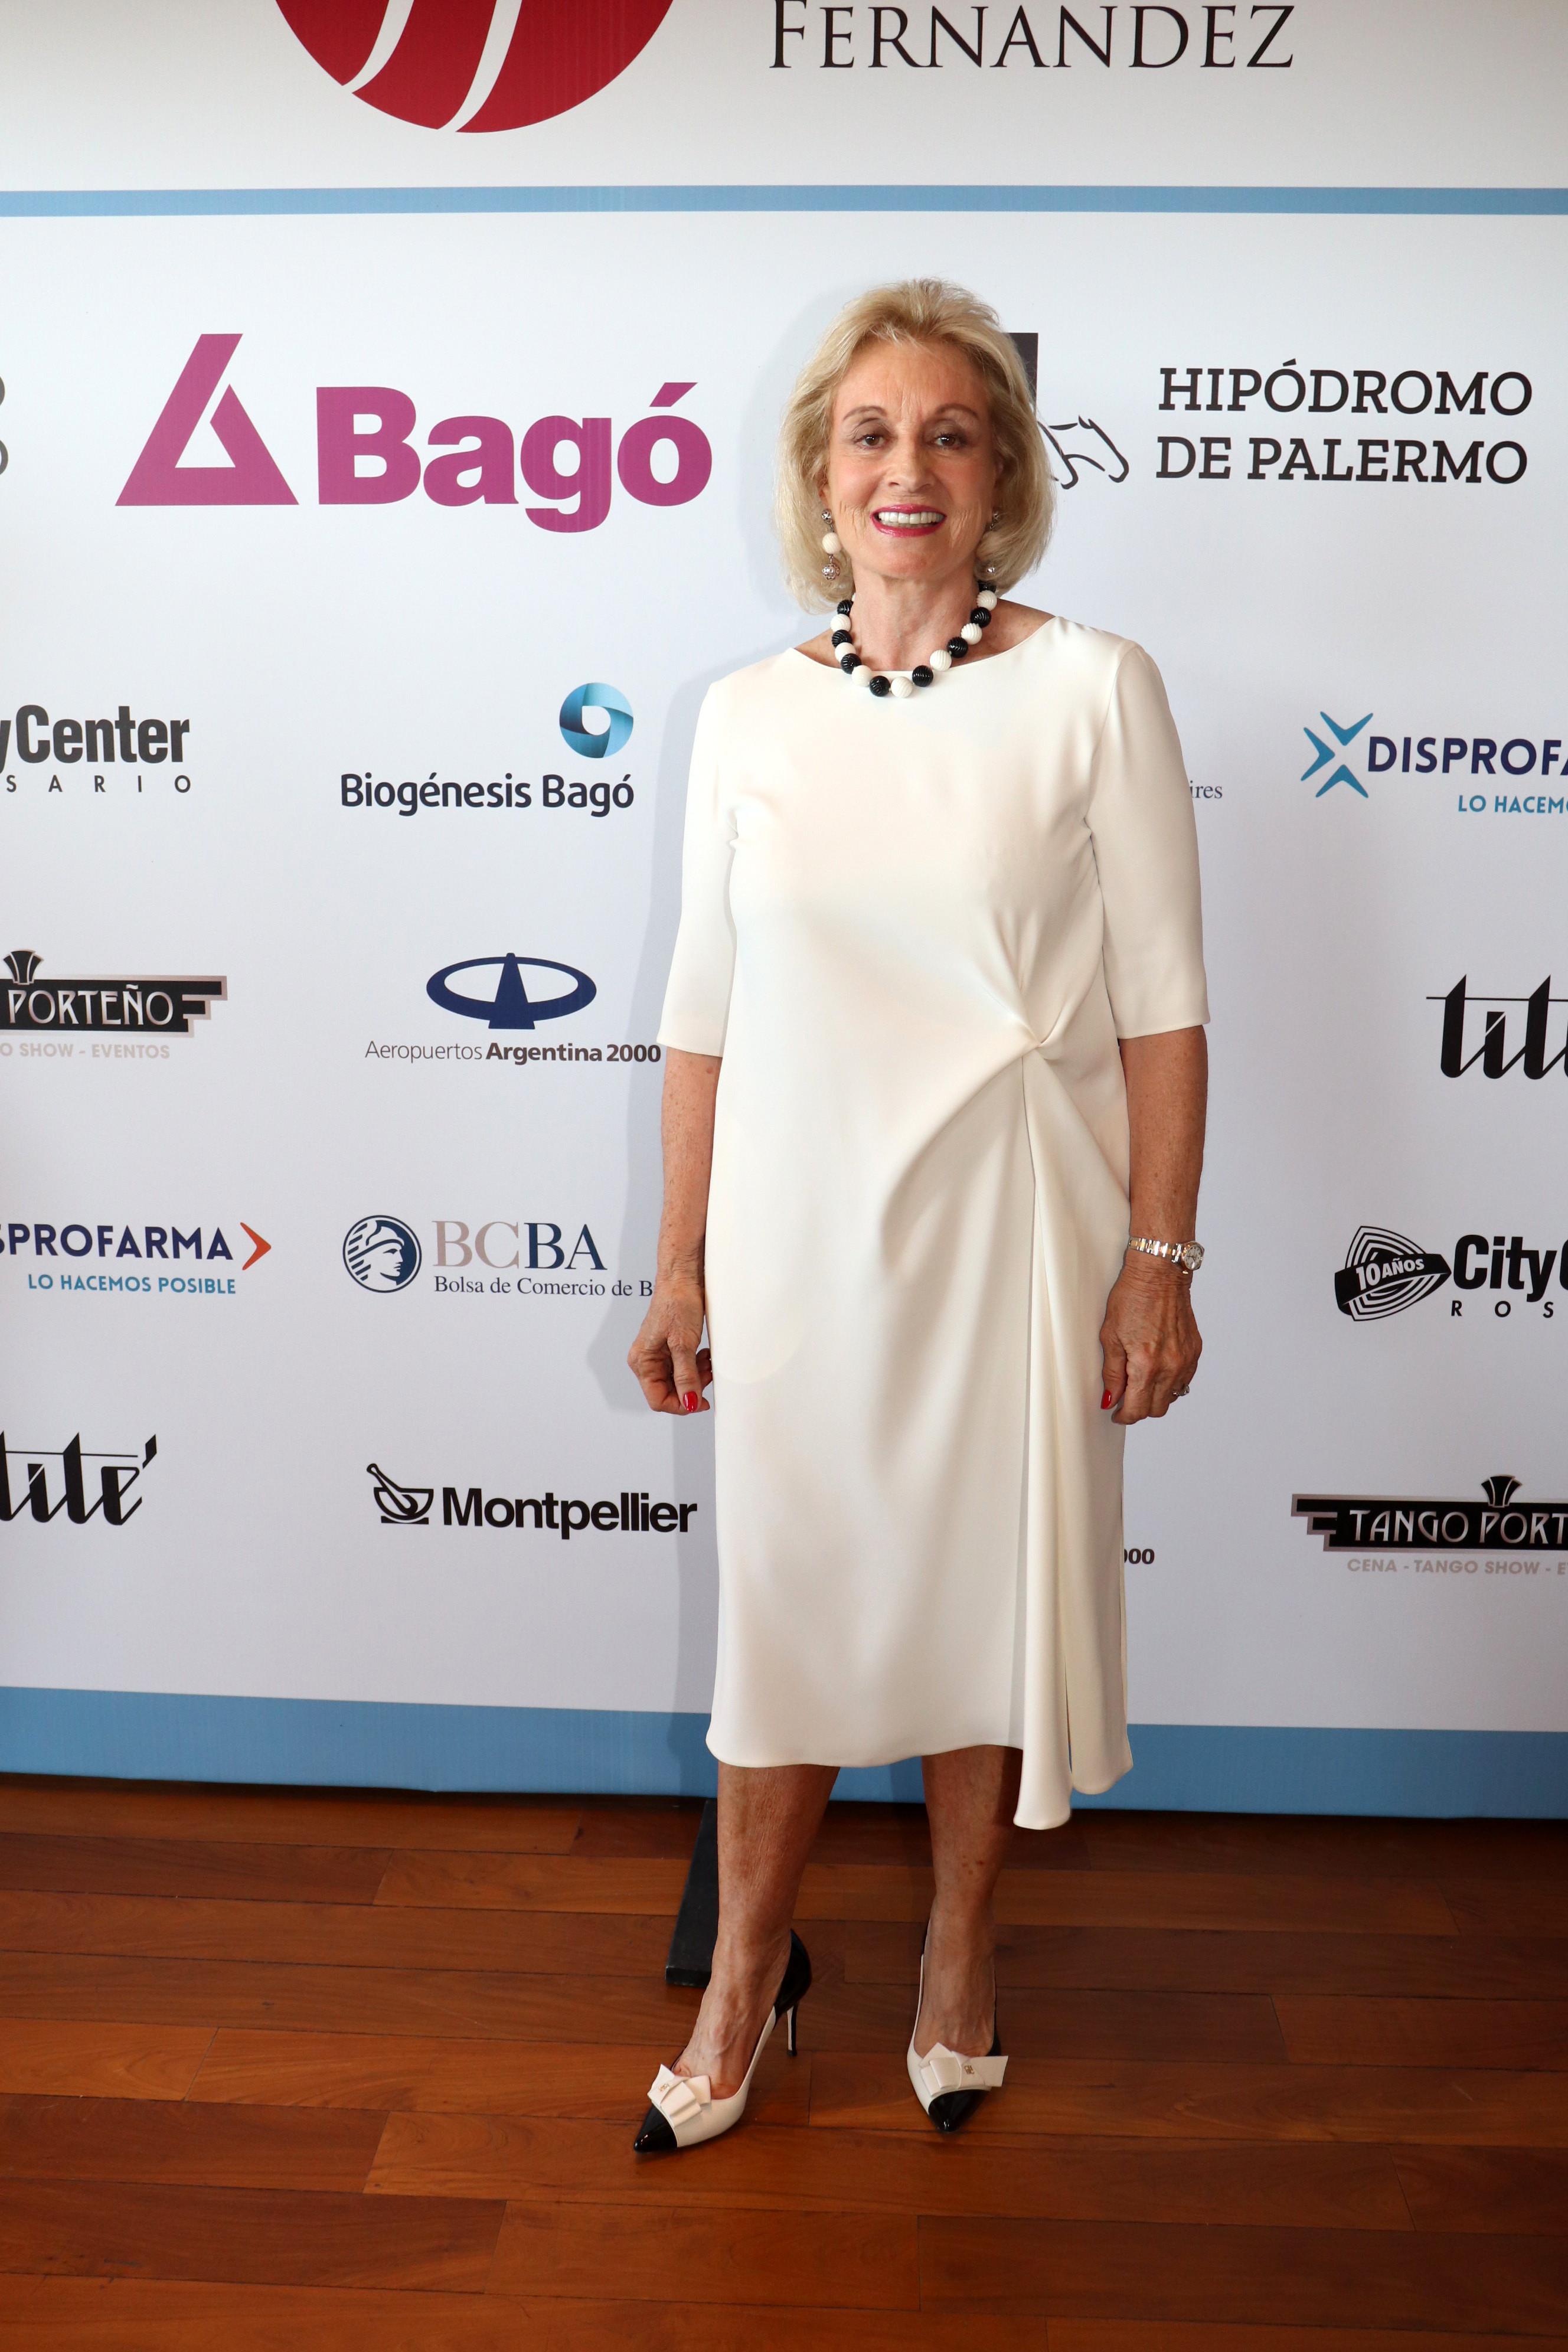 La presidente de la Fundación Fernández, Miriam Bagó, sostuvo: